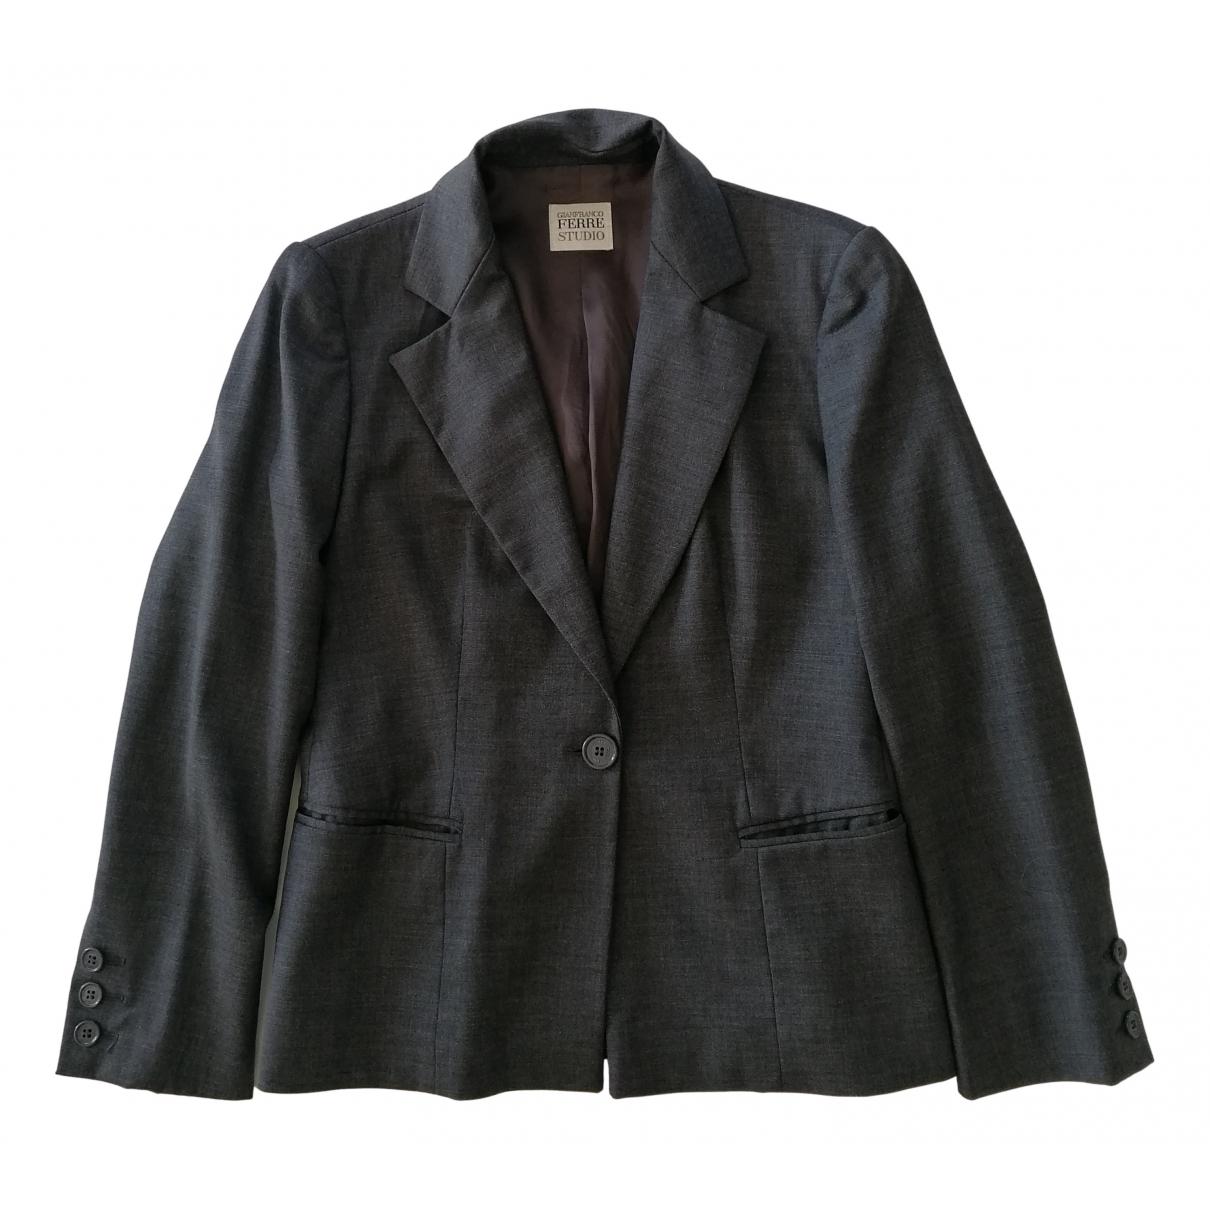 Gianfranco Ferre - Veste   pour femme en laine - gris